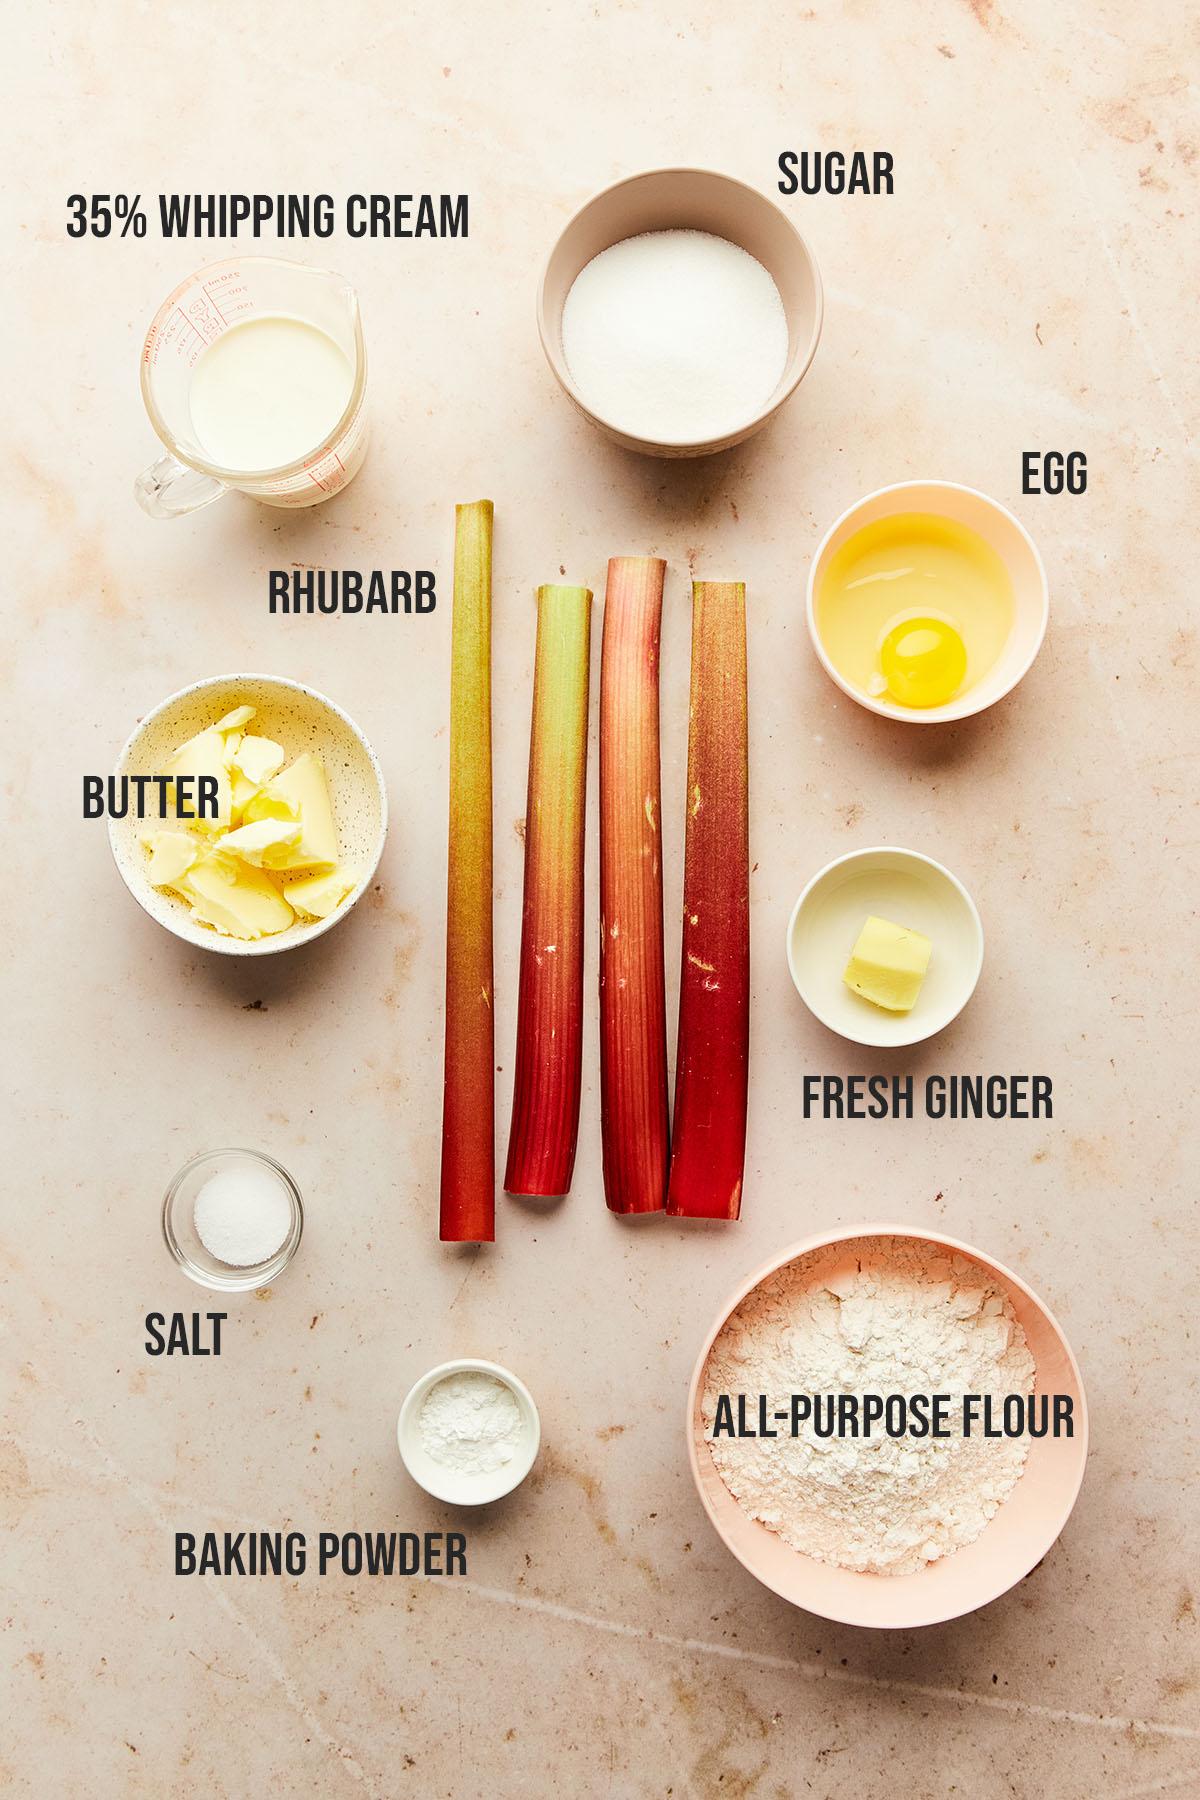 Ingredients to make rhubarb scones.